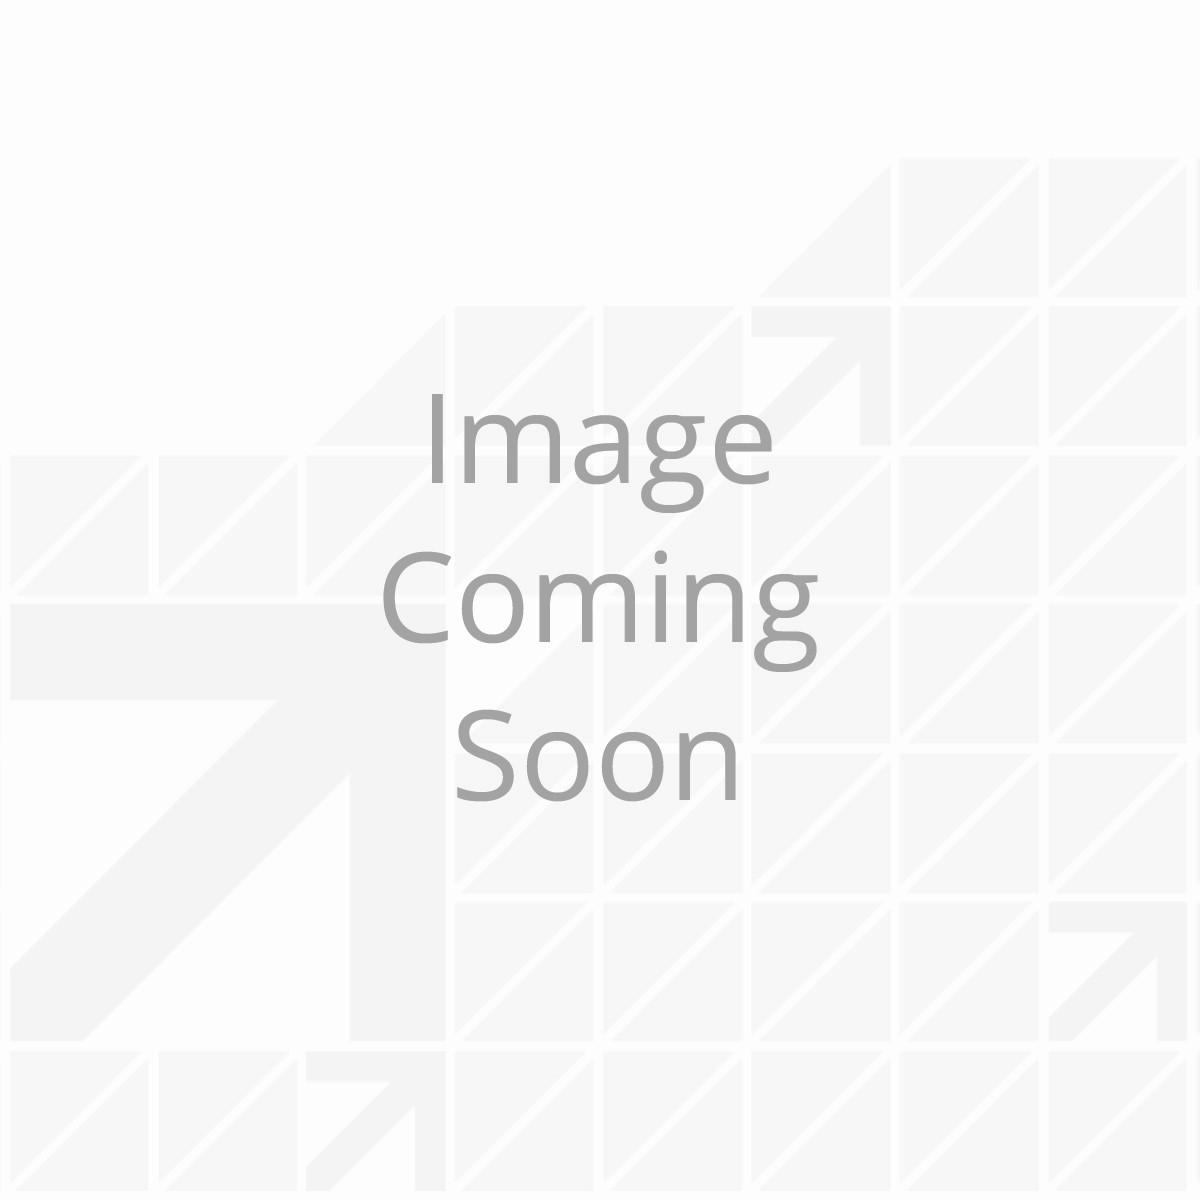 Rl10005-1; Key Lock-Chrome 1 1/8